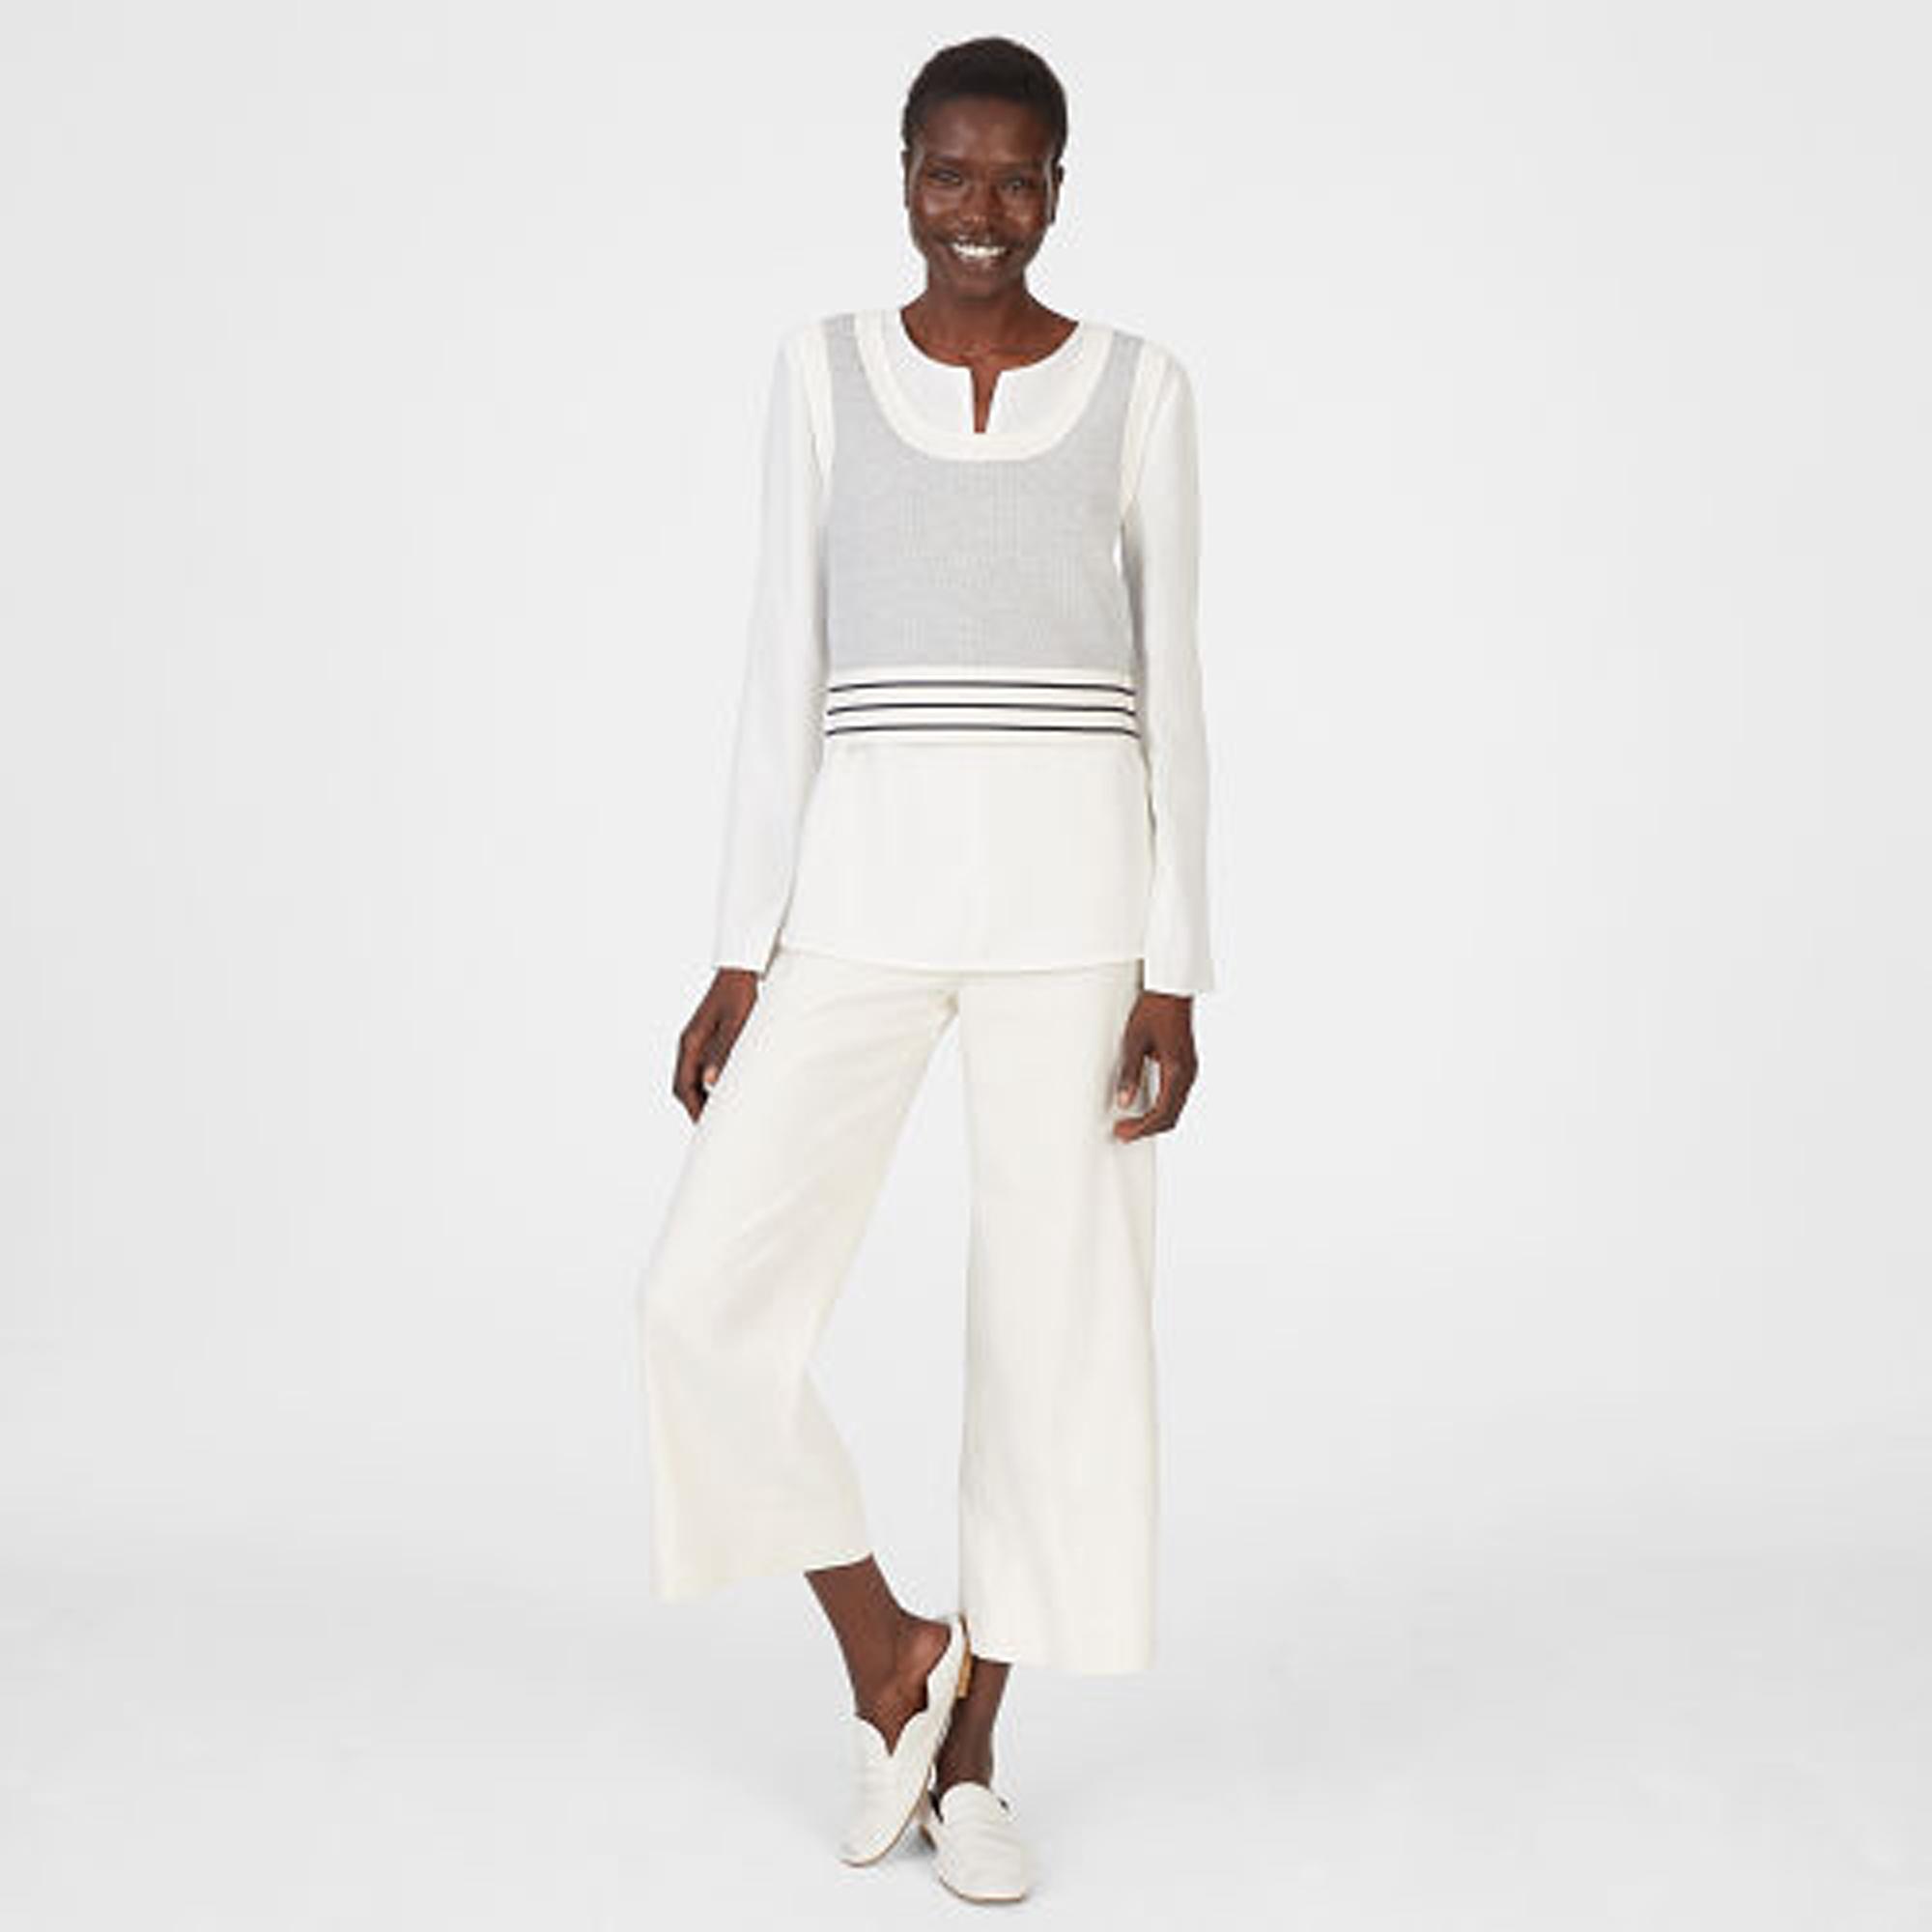 Zloane Sweater   HK$1,590